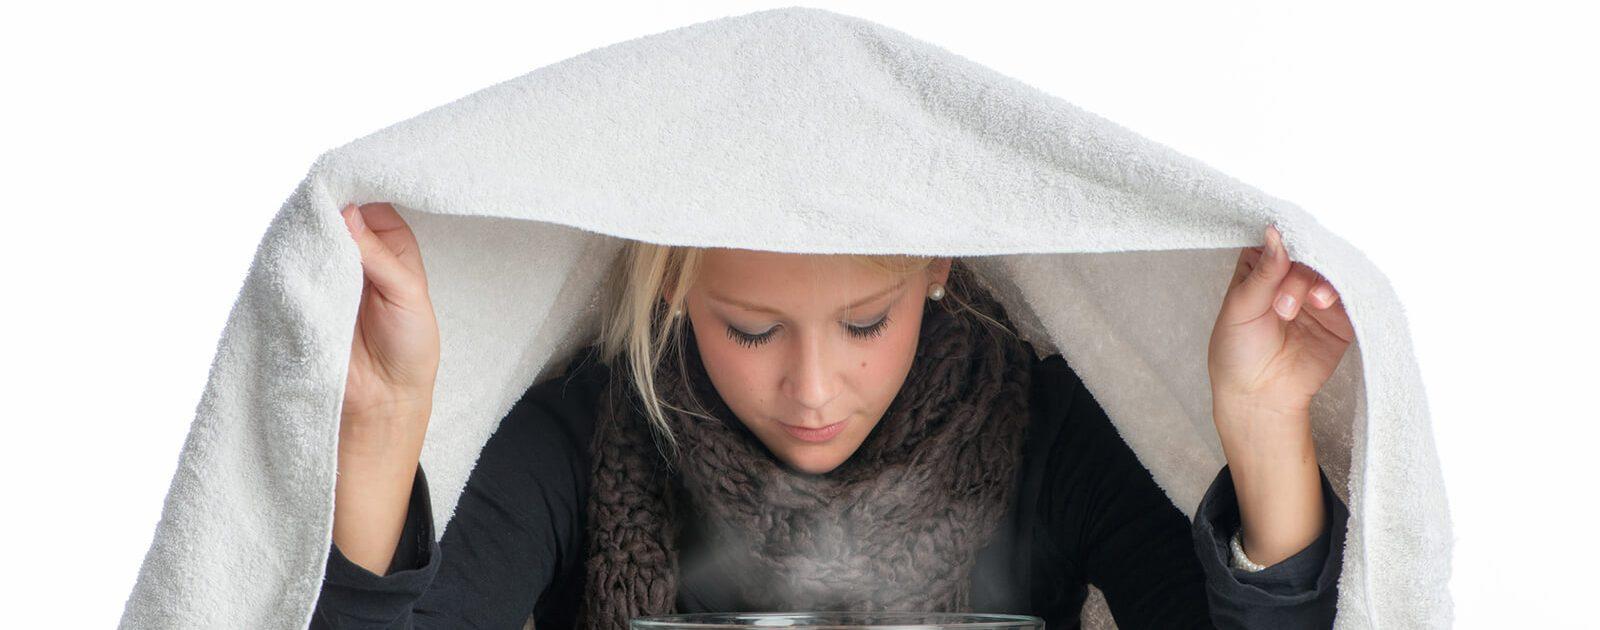 Frau inhaliert, aufgrund einer Entzündung der Nasenschleimhaut